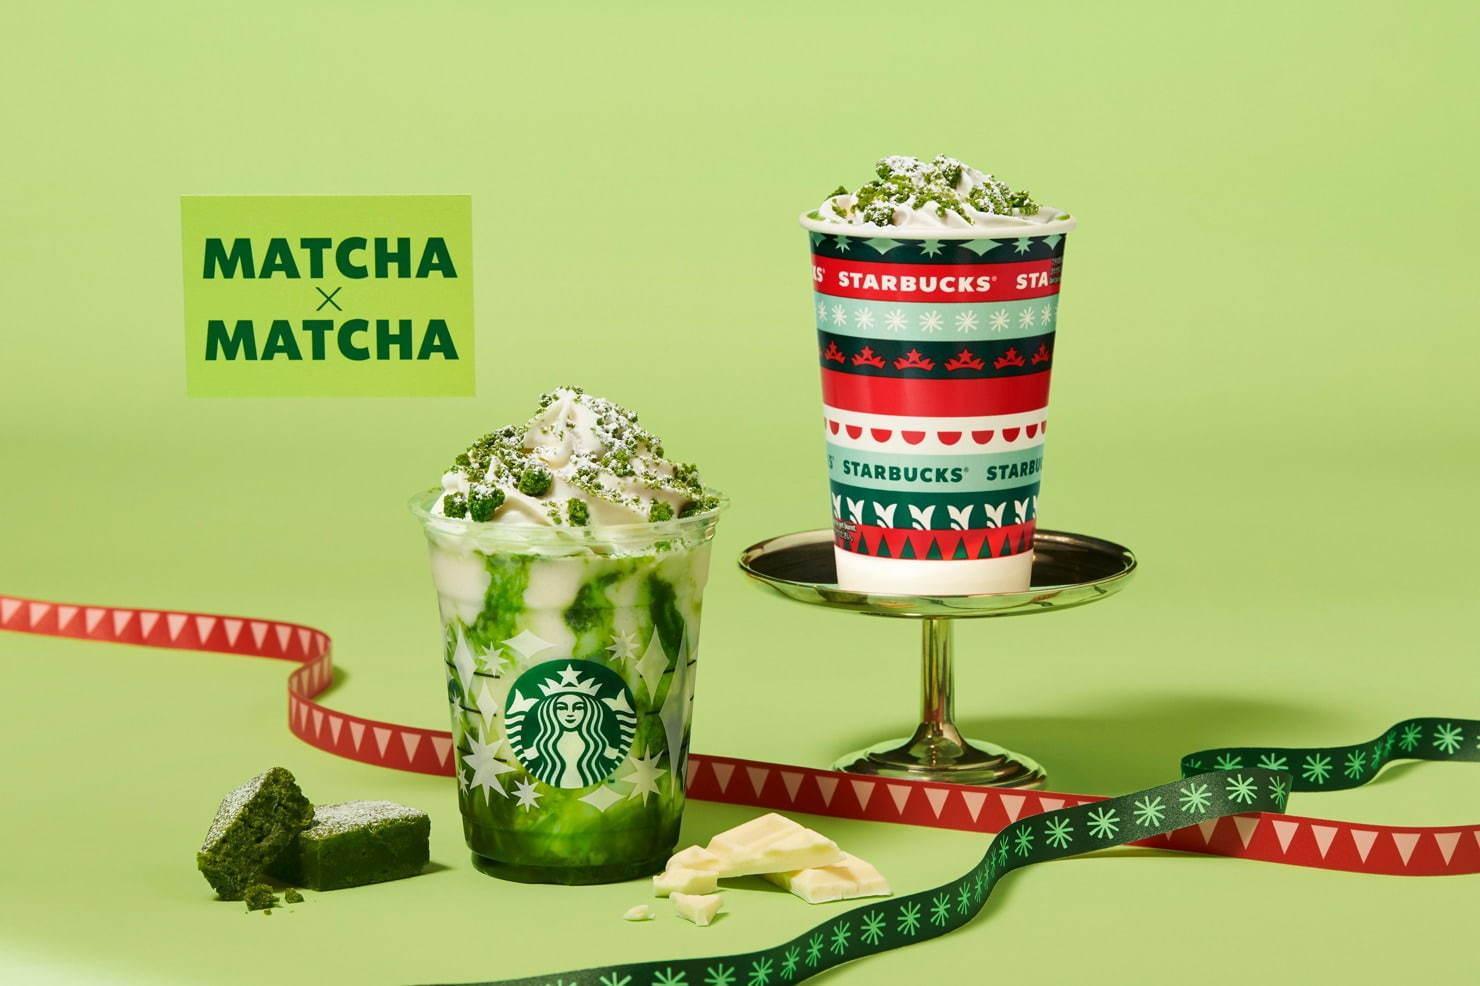 【スタバ 新作】クリスマス2020第2弾! 「抹茶×抹茶 ホワイト チョコレート フラペチーノ」が期間限定で登場_1